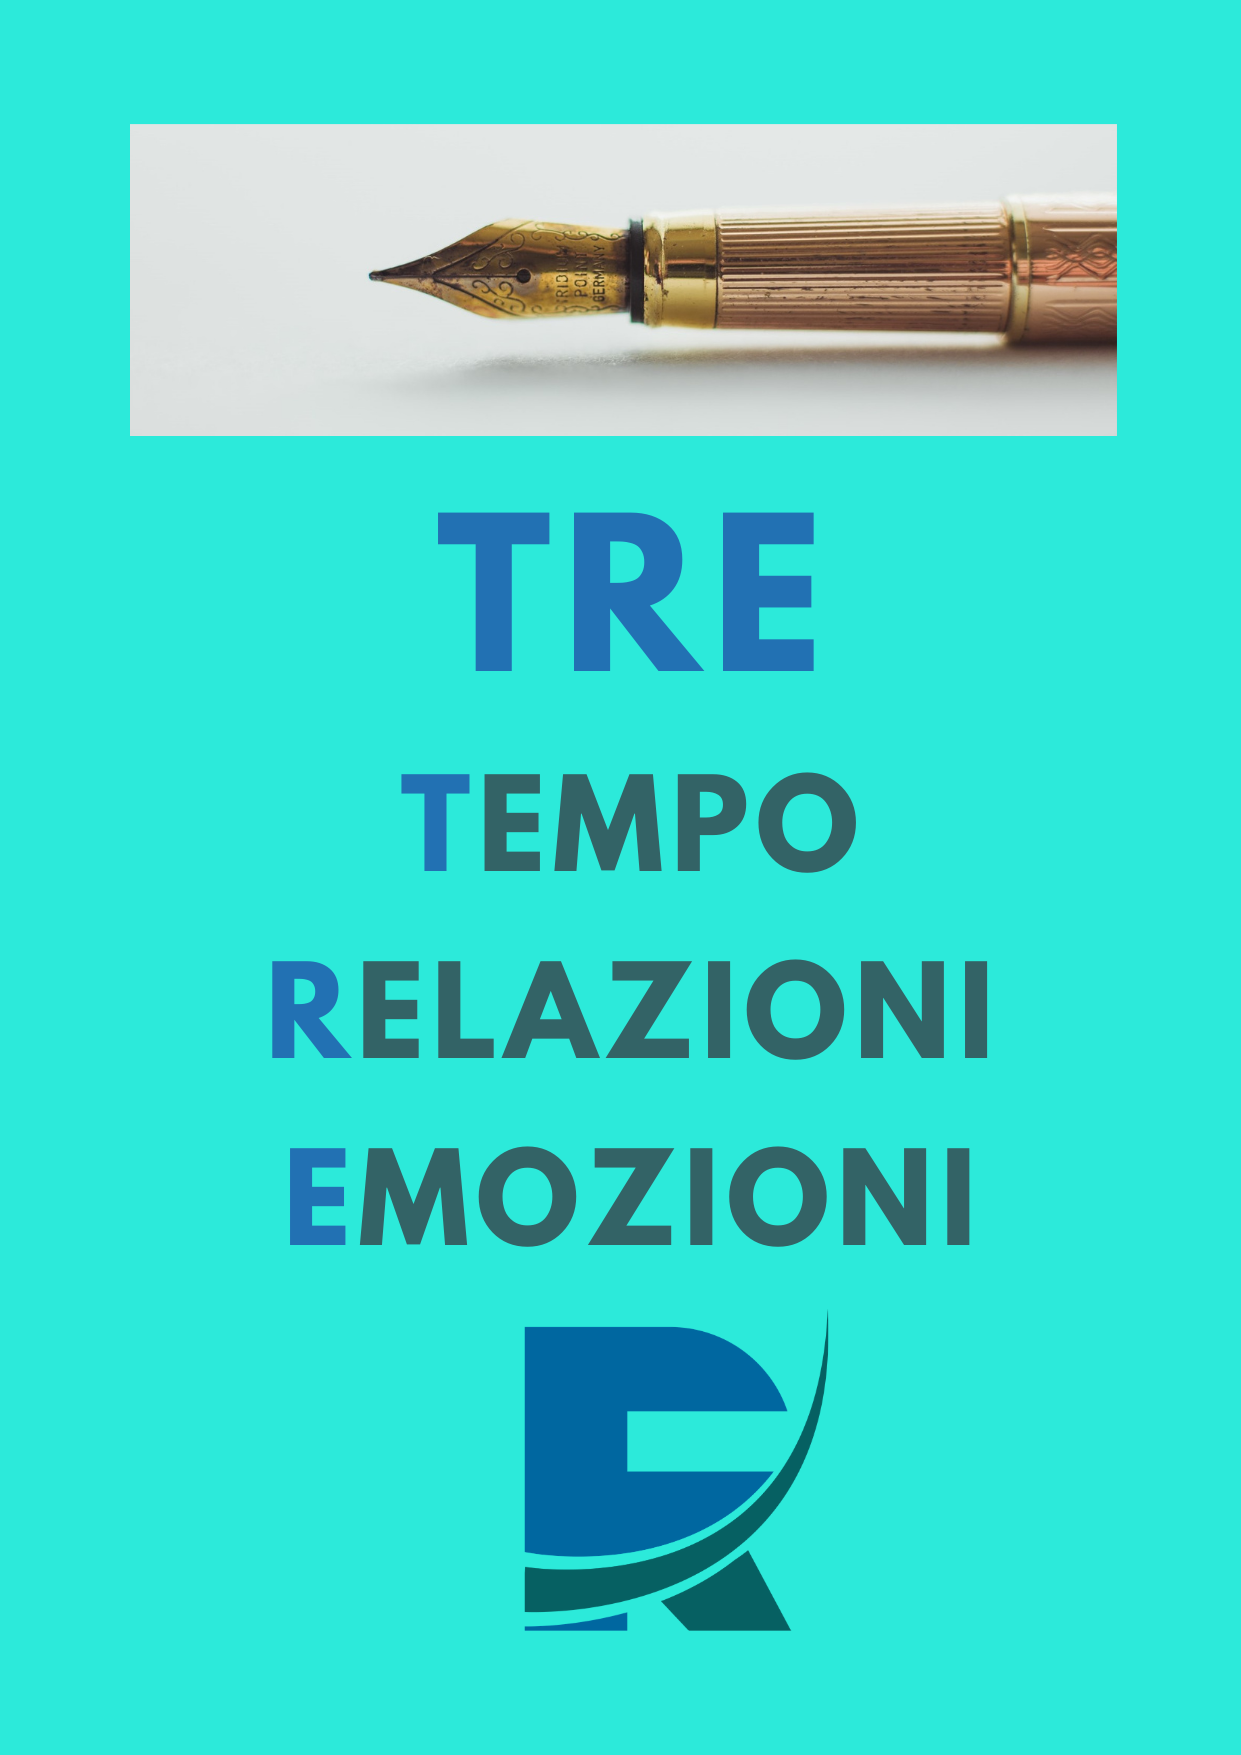 Corso TRE- Tempo | Relazioni | Emozioni